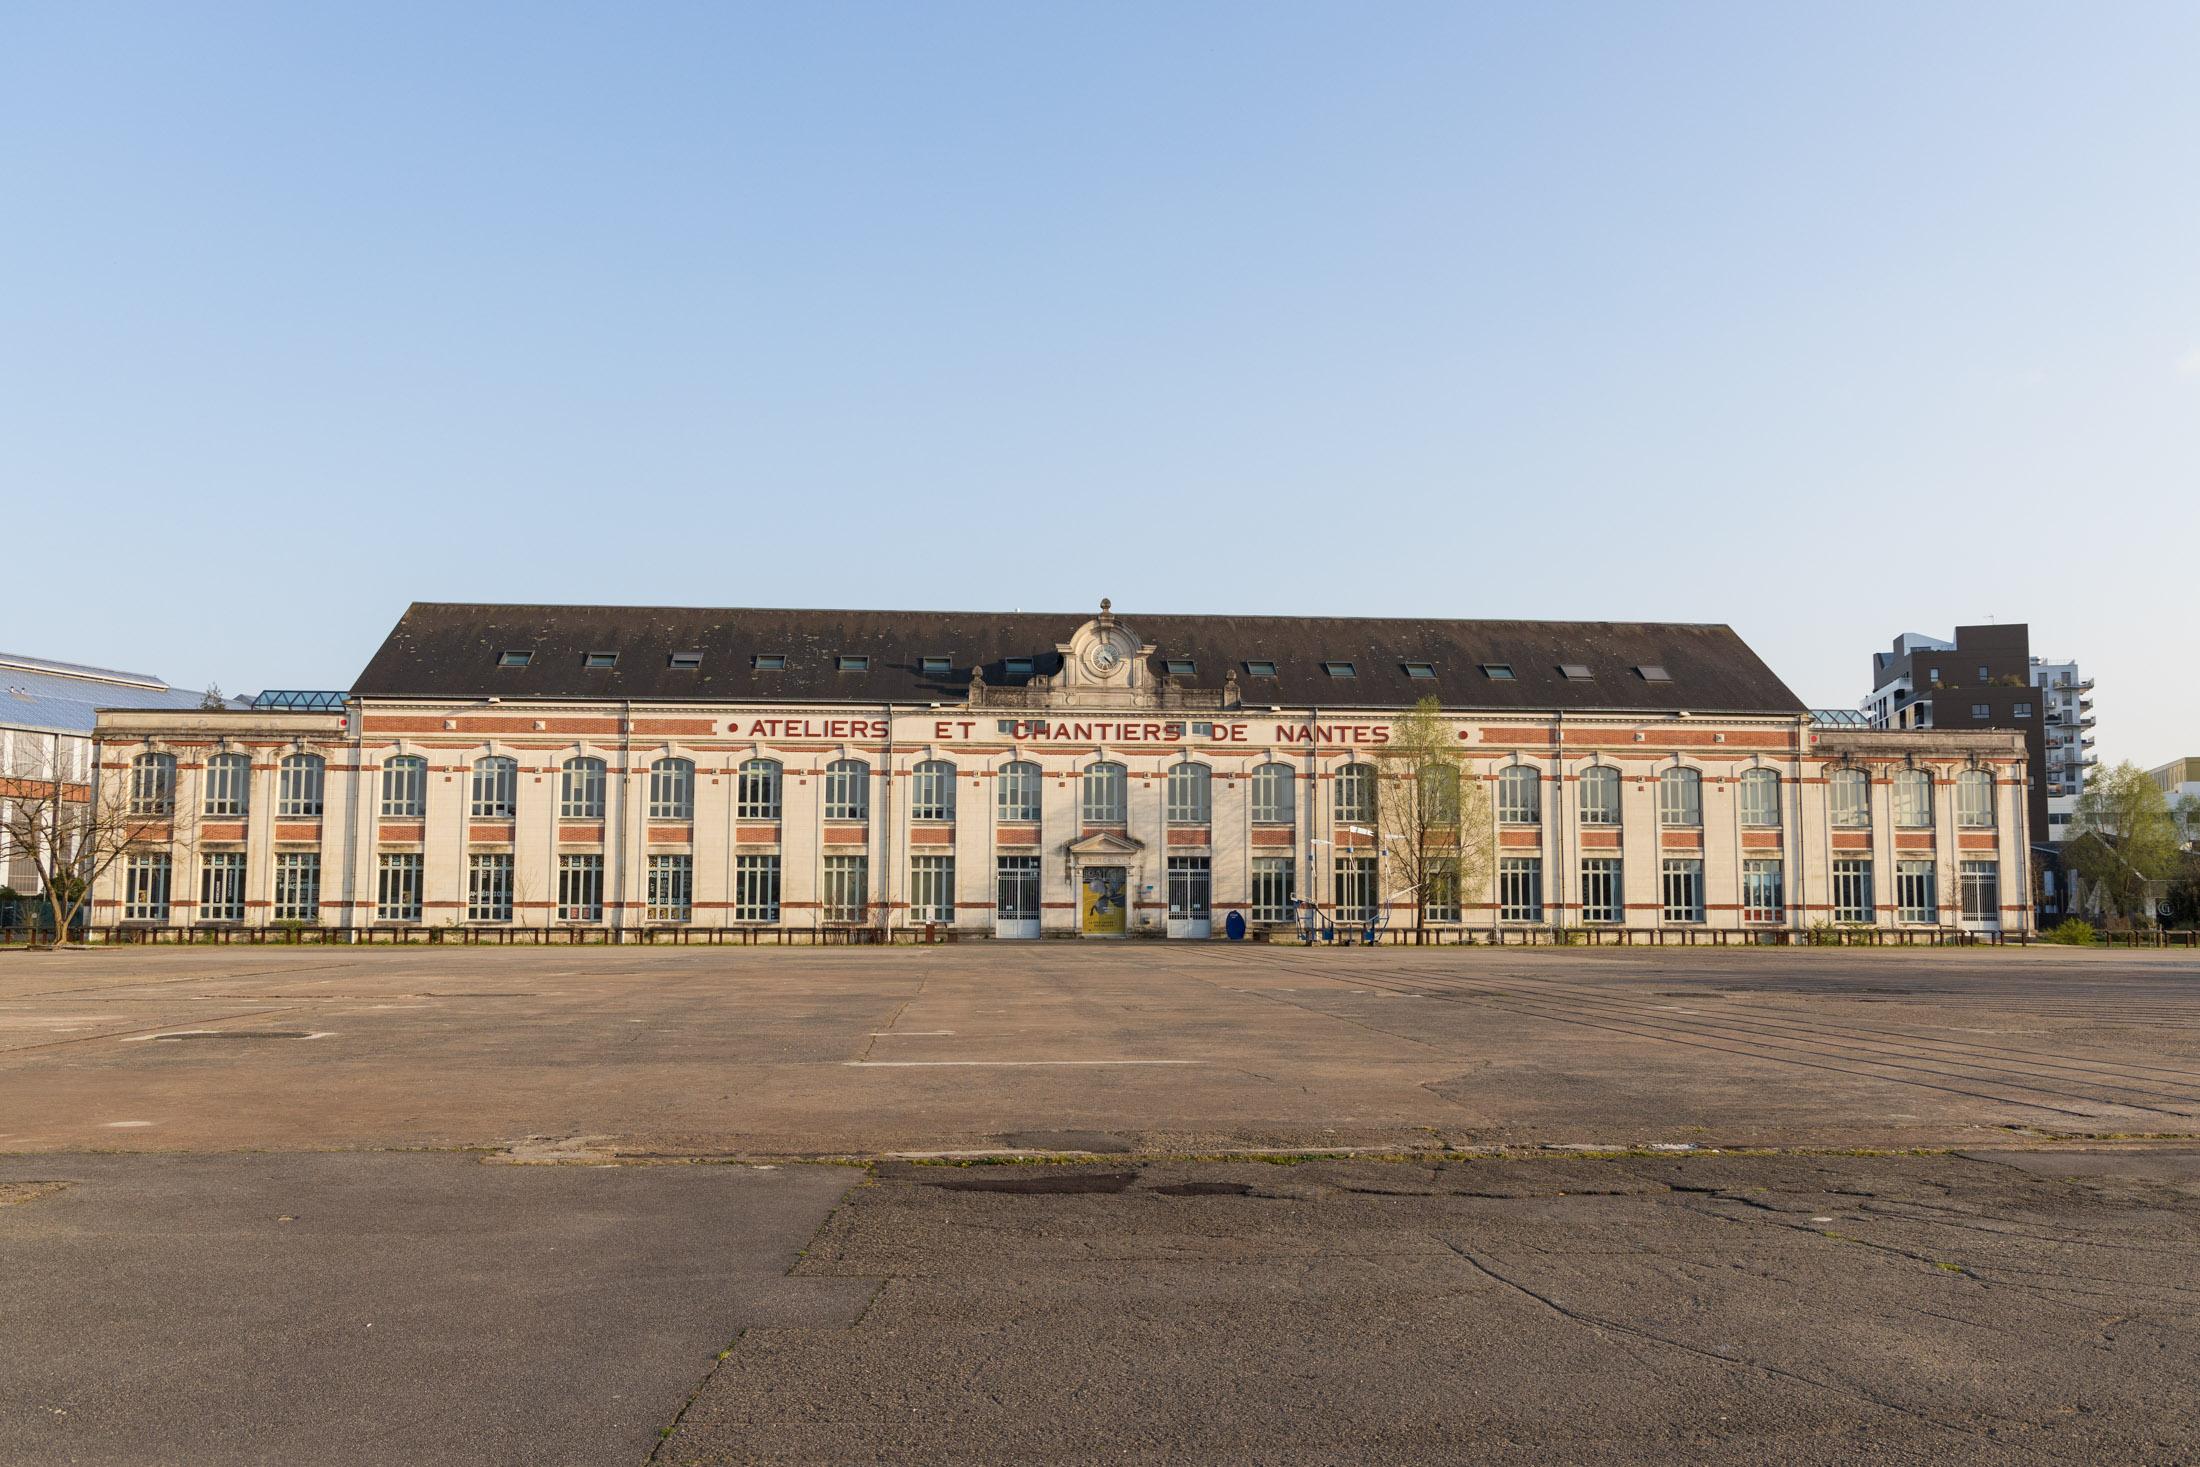 Big place of Traceurs de Coques next to Machines de l'Ile, is empty. Nantes, France - March 23th 2020.L'espanade des Traceurs de Coques, a cote des machines de l'Ile, est vide.  Nantes, France - 23 mars 2020.